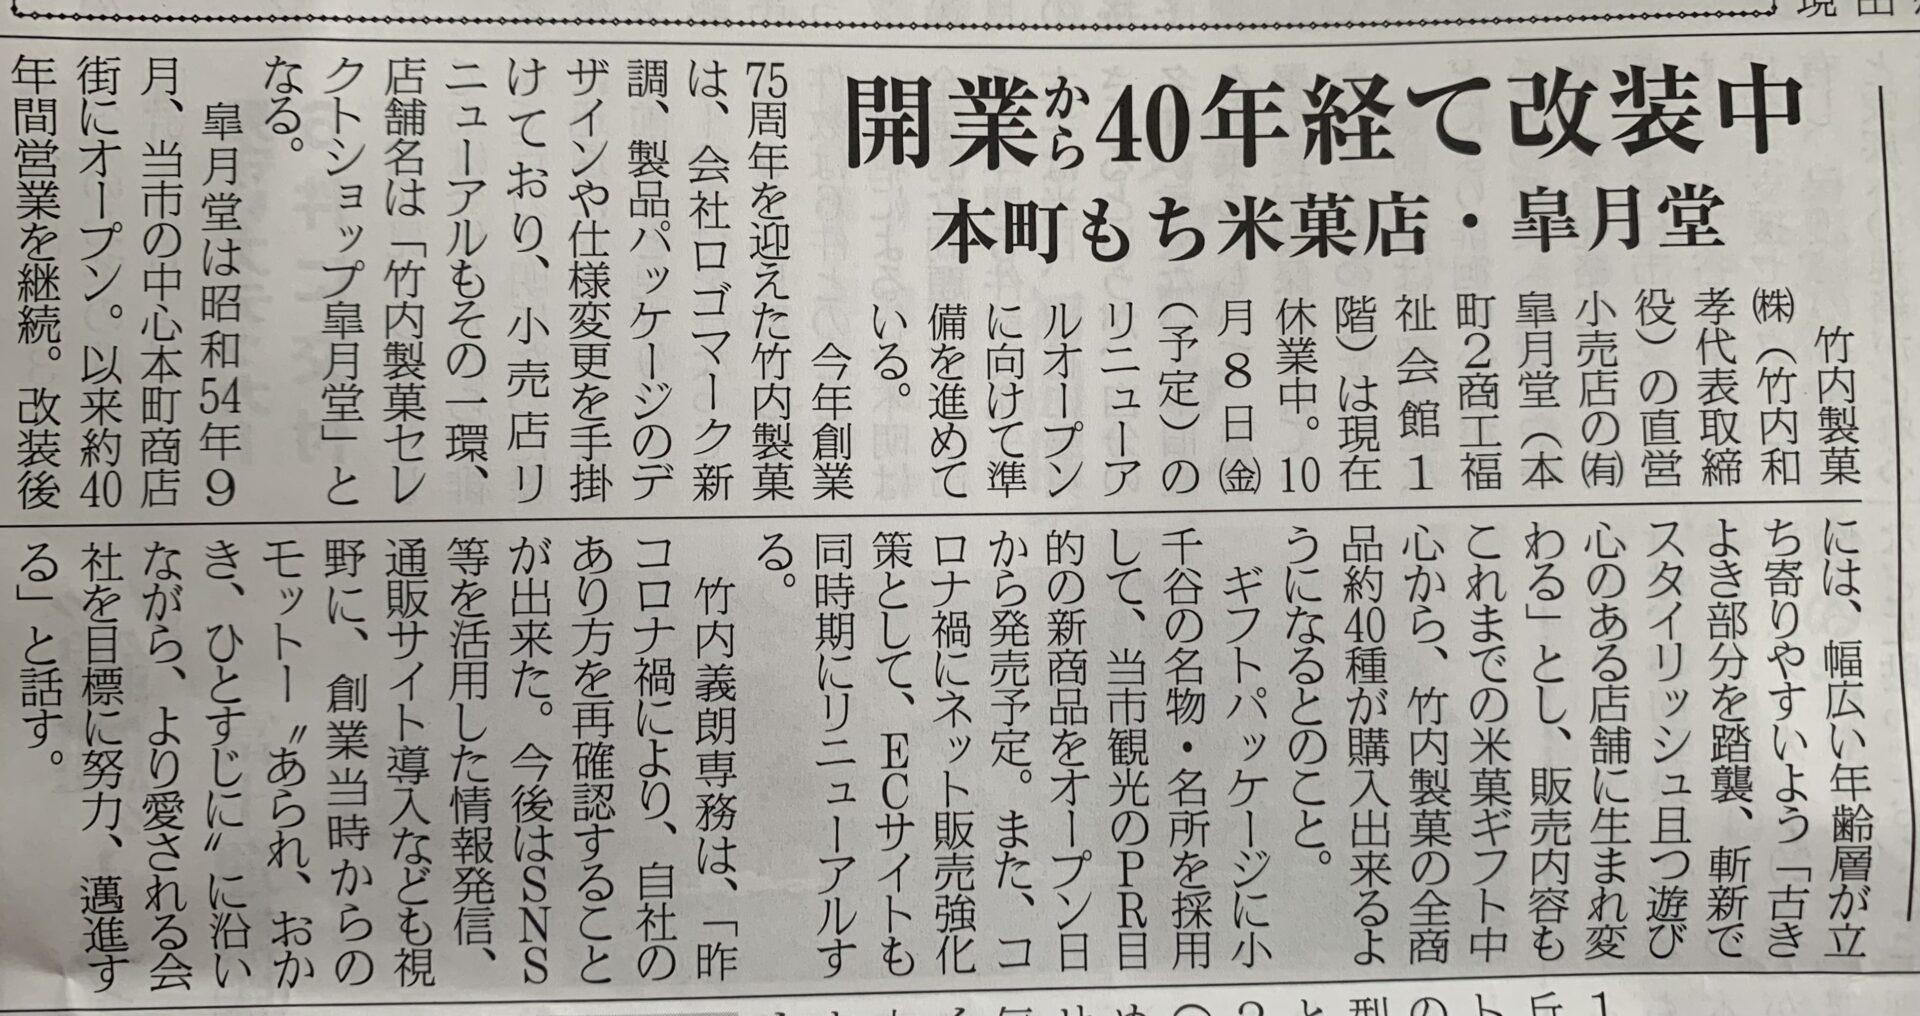 小千谷新聞に当社記事が掲載されました。